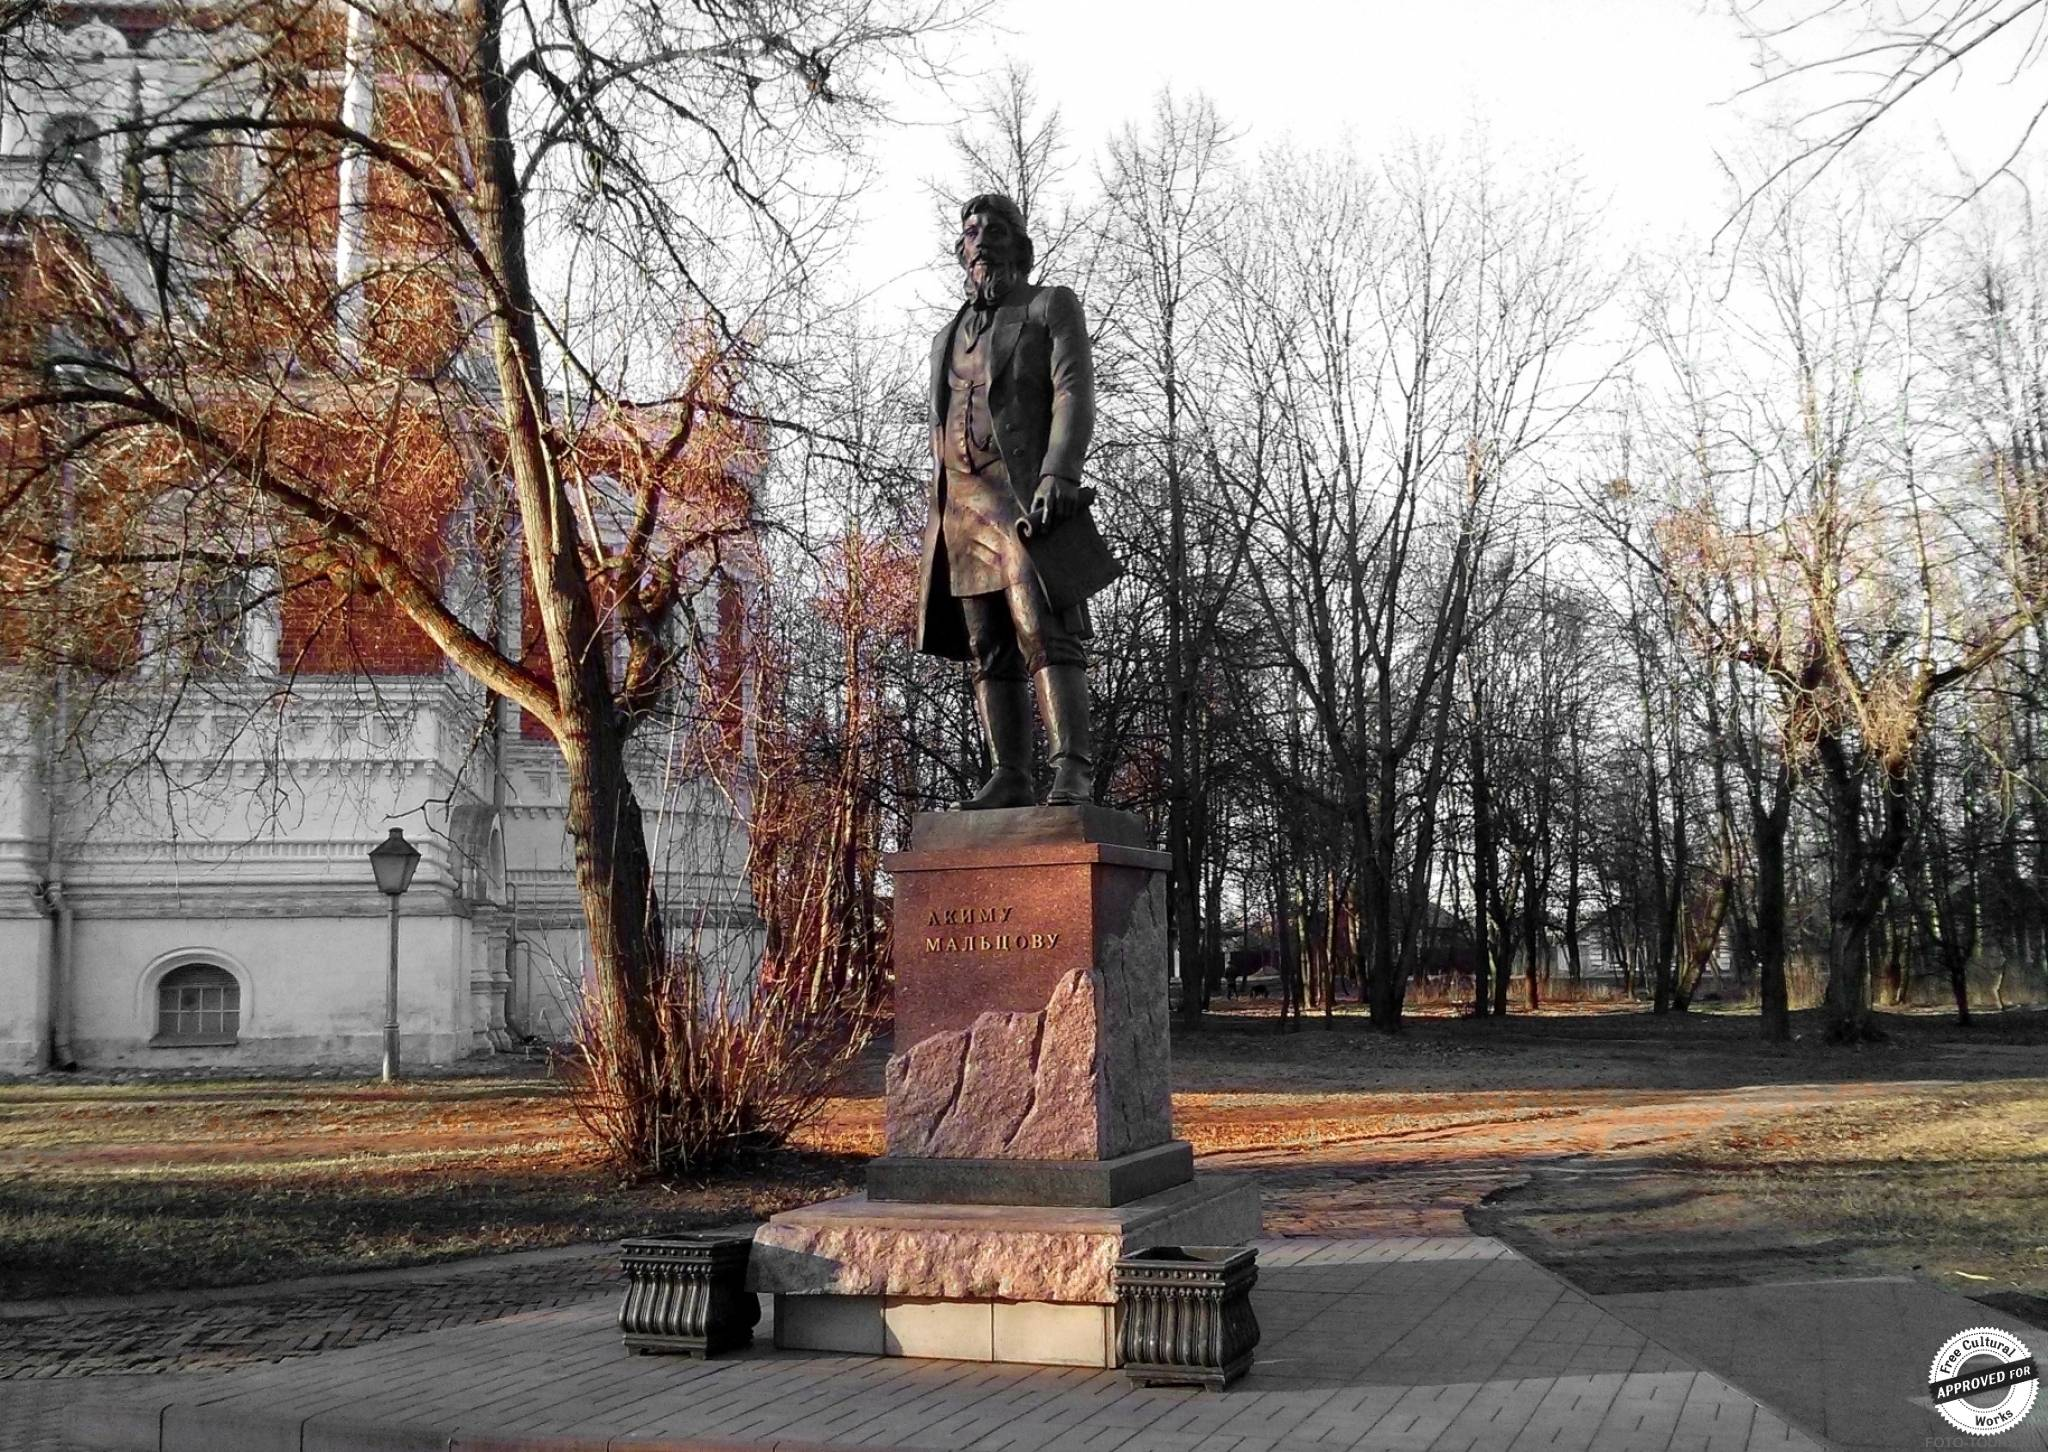 Памятник Мальцову